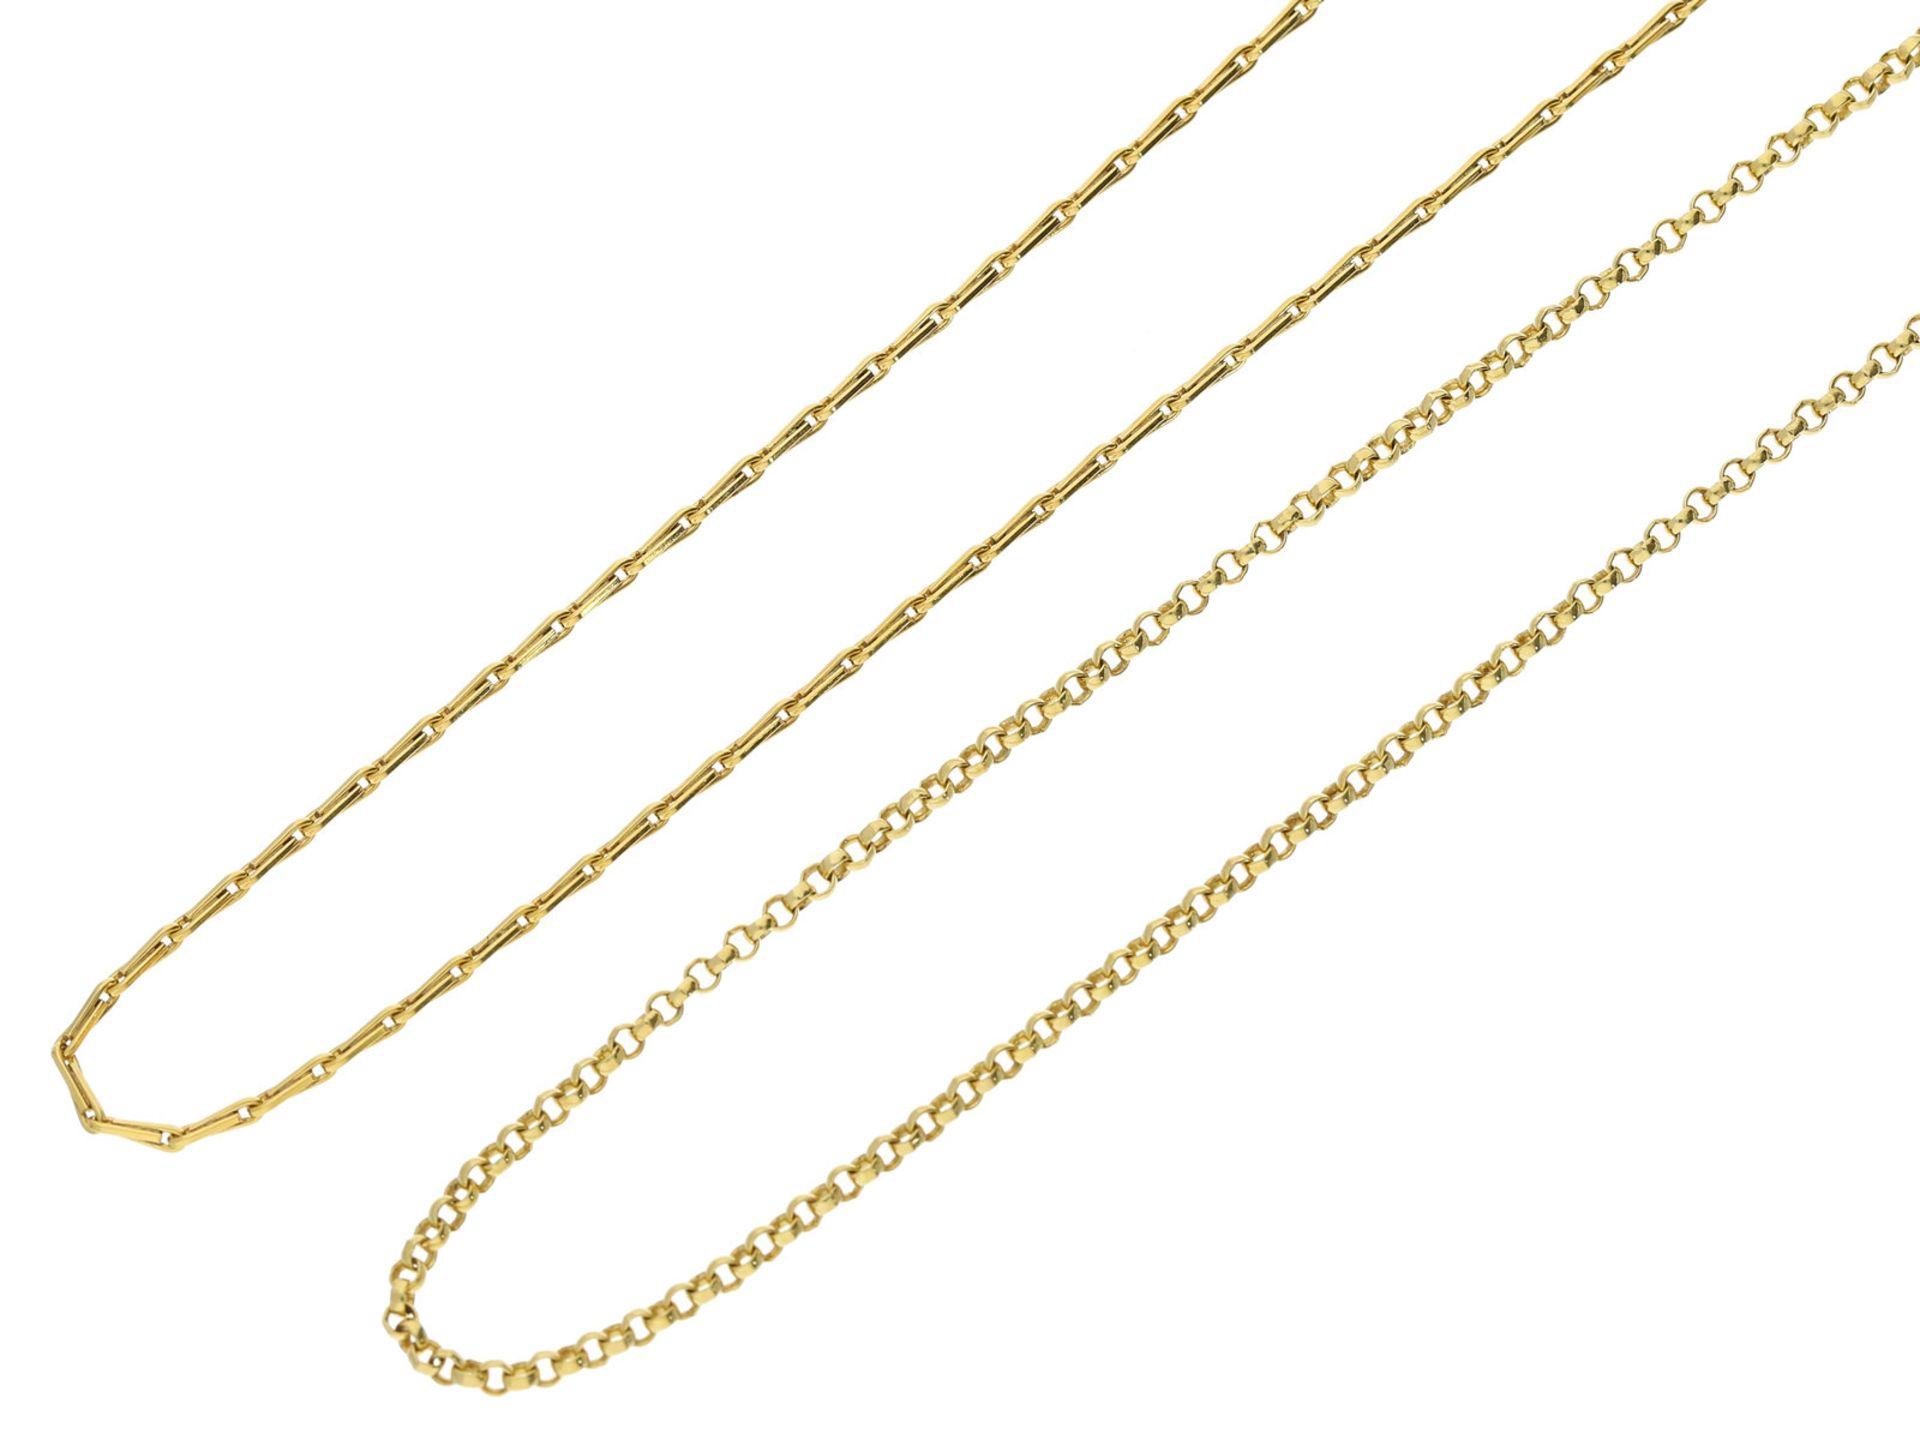 Kette/Collier: 2 ungetragene Collierketten aus 14K GoldGesamtgewicht ca. 9,2g, 14K Gelbgold,